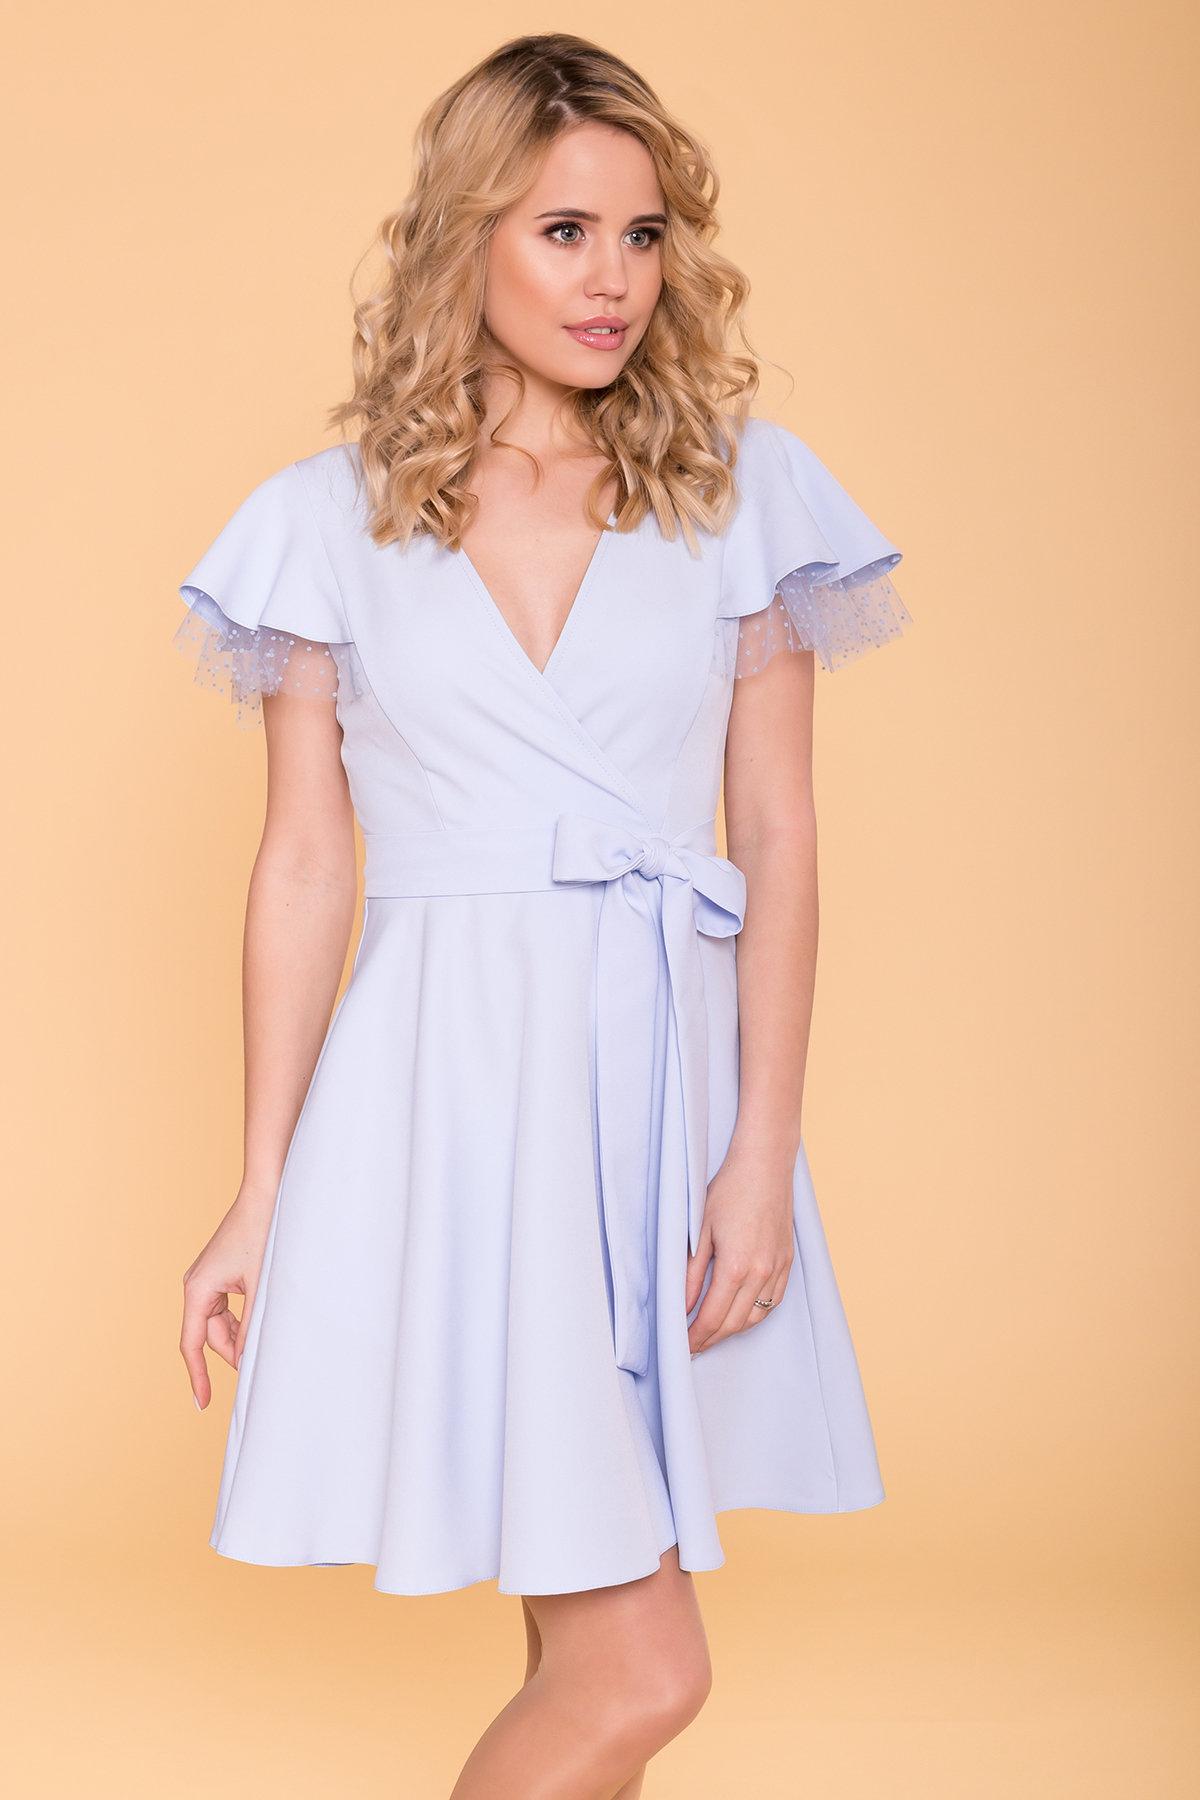 Платье с воланами на плечах Милея 6788 АРТ. 42017 Цвет: Голубой - фото 5, интернет магазин tm-modus.ru